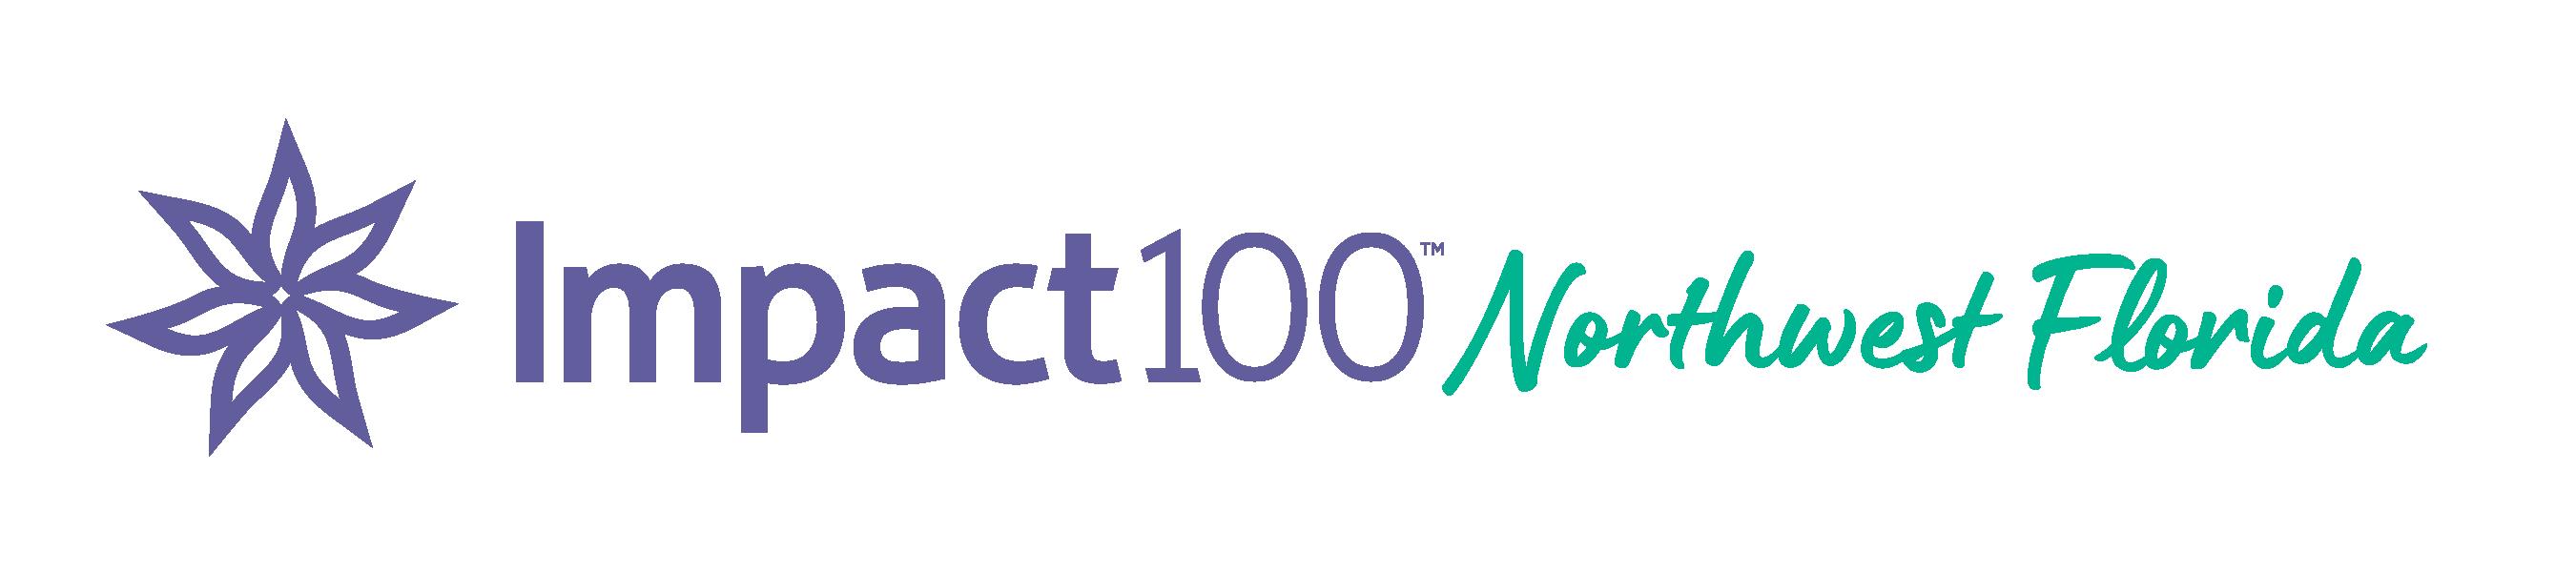 Impact100 of Northwest FL Awards $448,000 to Local Nonprofits